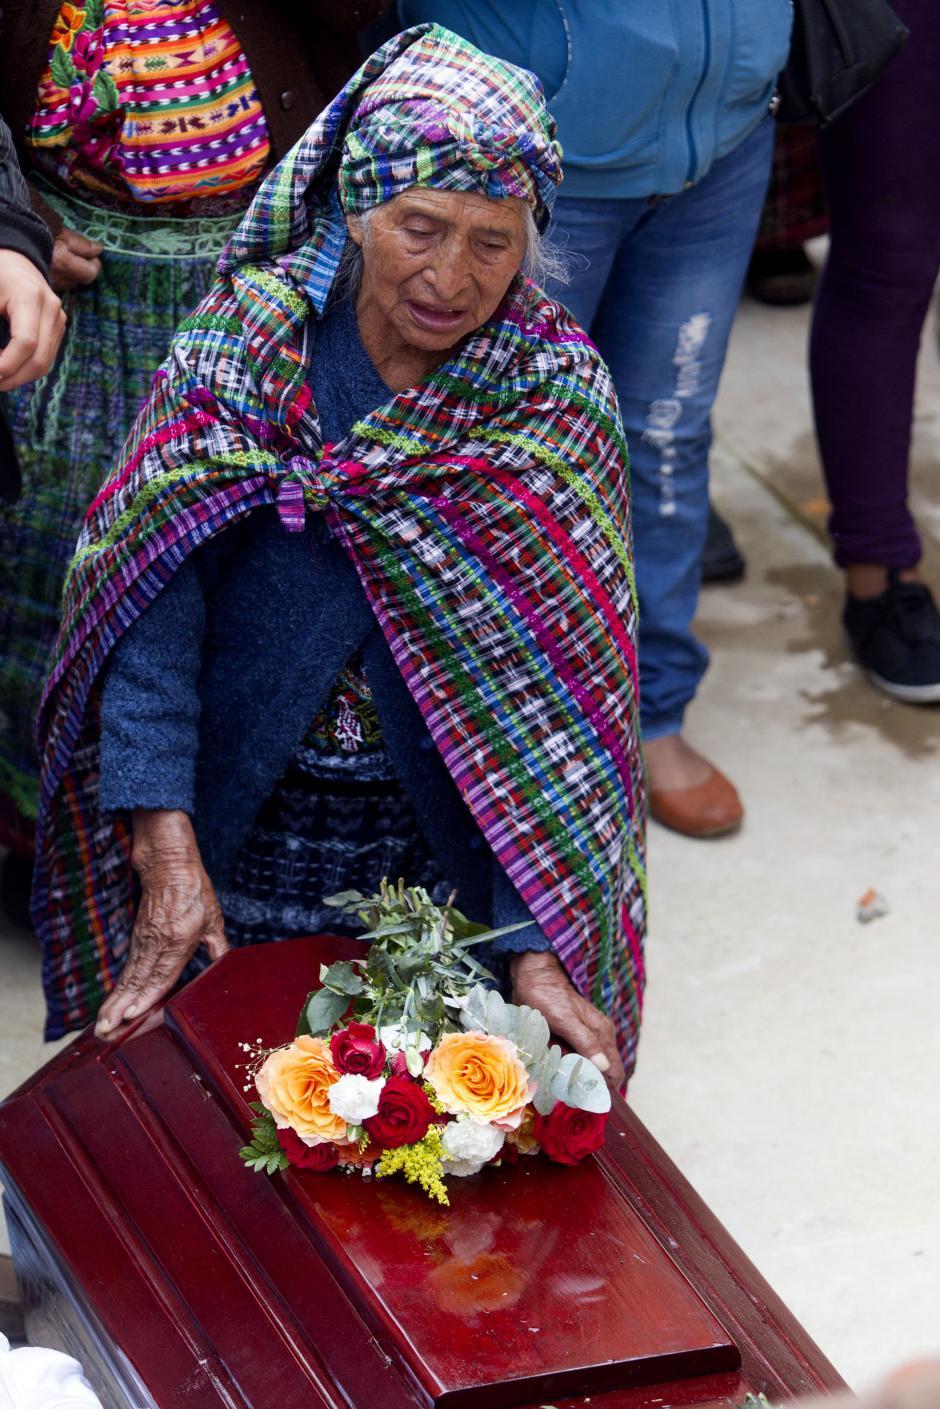 Los pobladores de El Cambray II se muestran consternados por la pérdida de sus seres queridos. (Foto Esteban Biba/EFE)